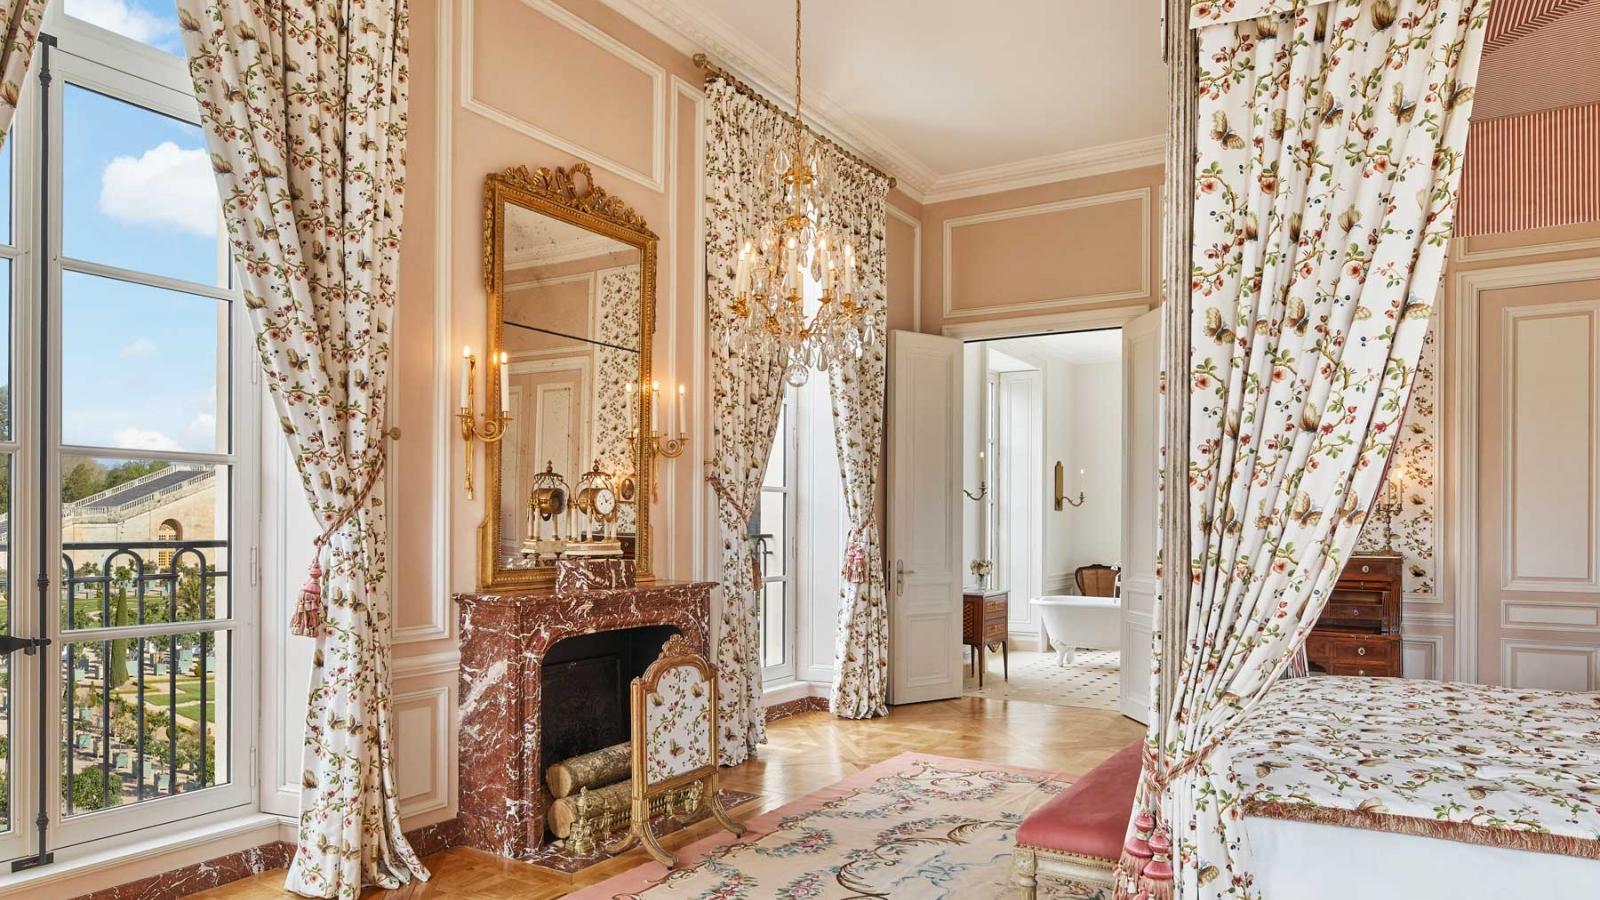 Trải nghiệm du lịch xa xỉ tại cung điện Versailles